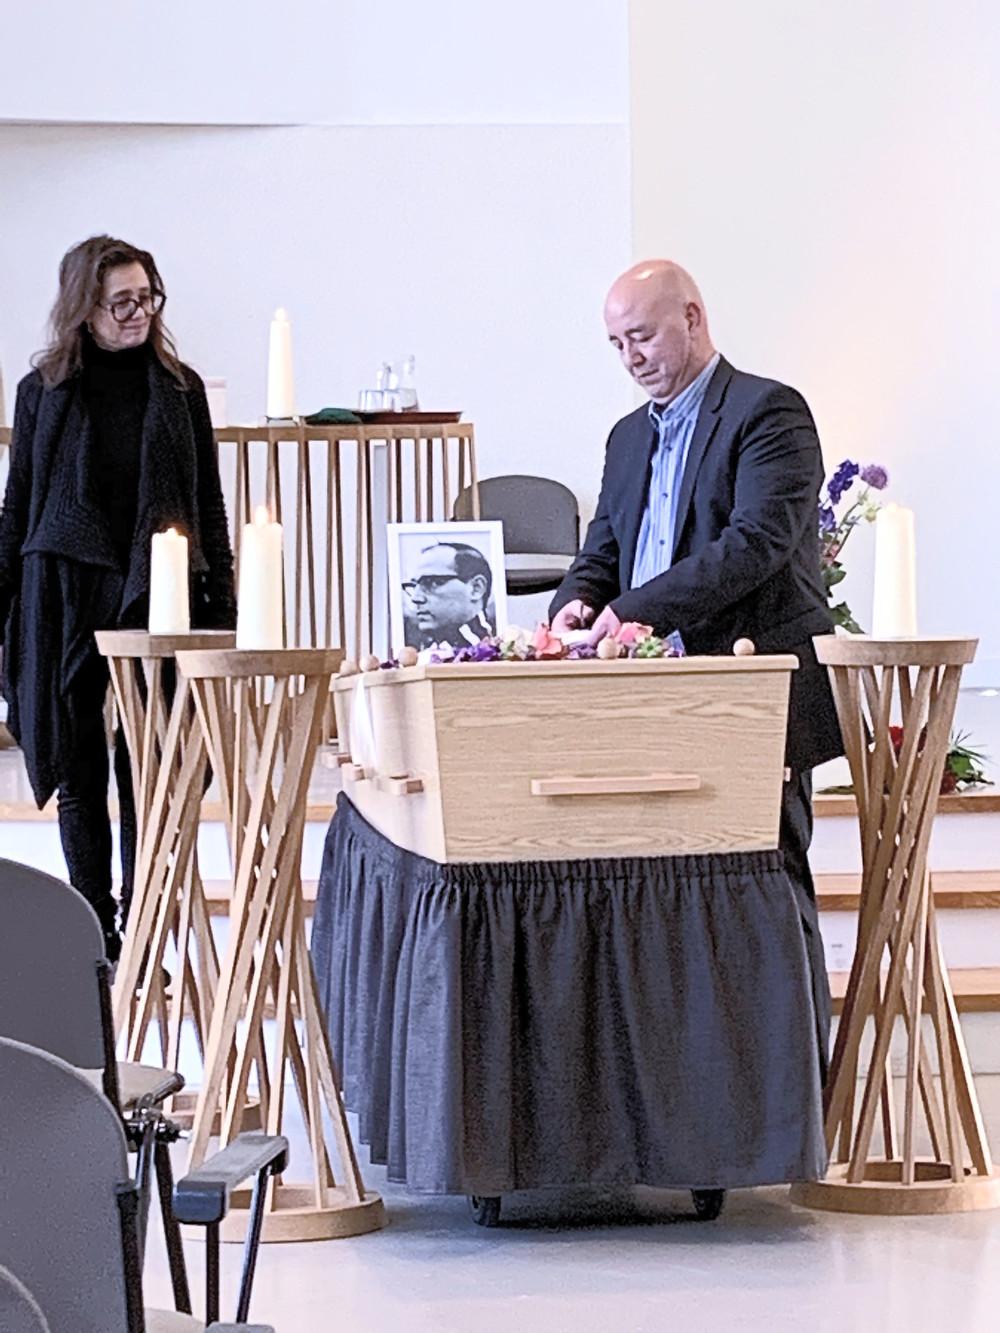 ceremonie bij een uitvaart